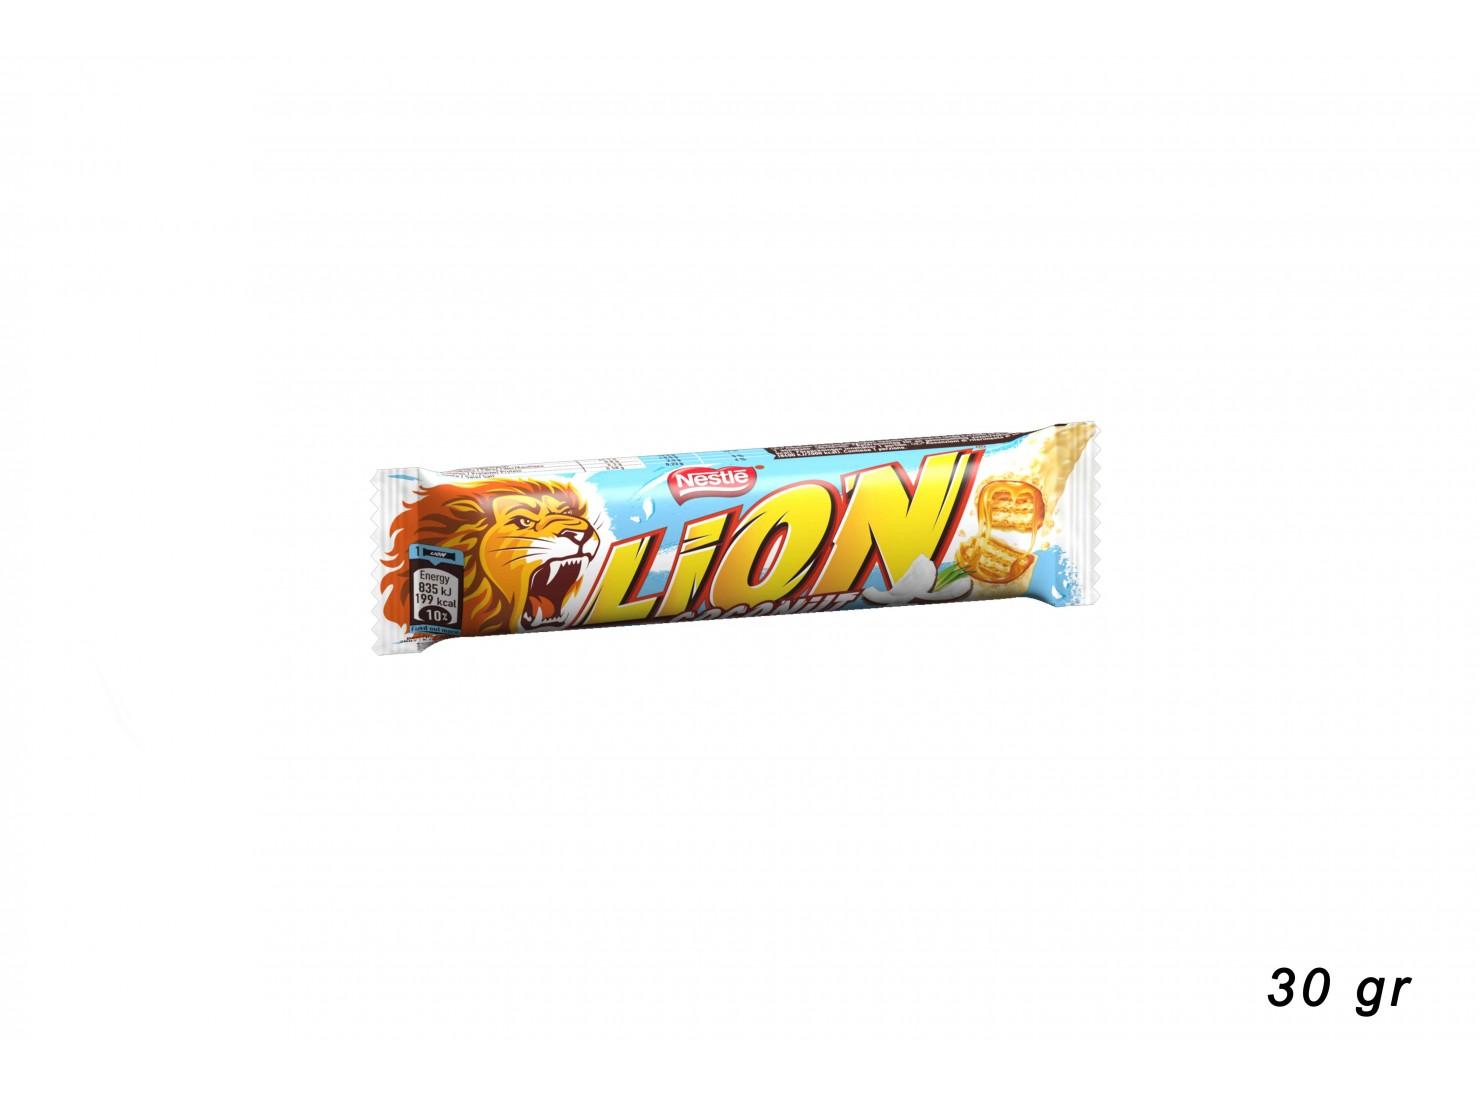 NESTLE LION COCONUT 30 GR